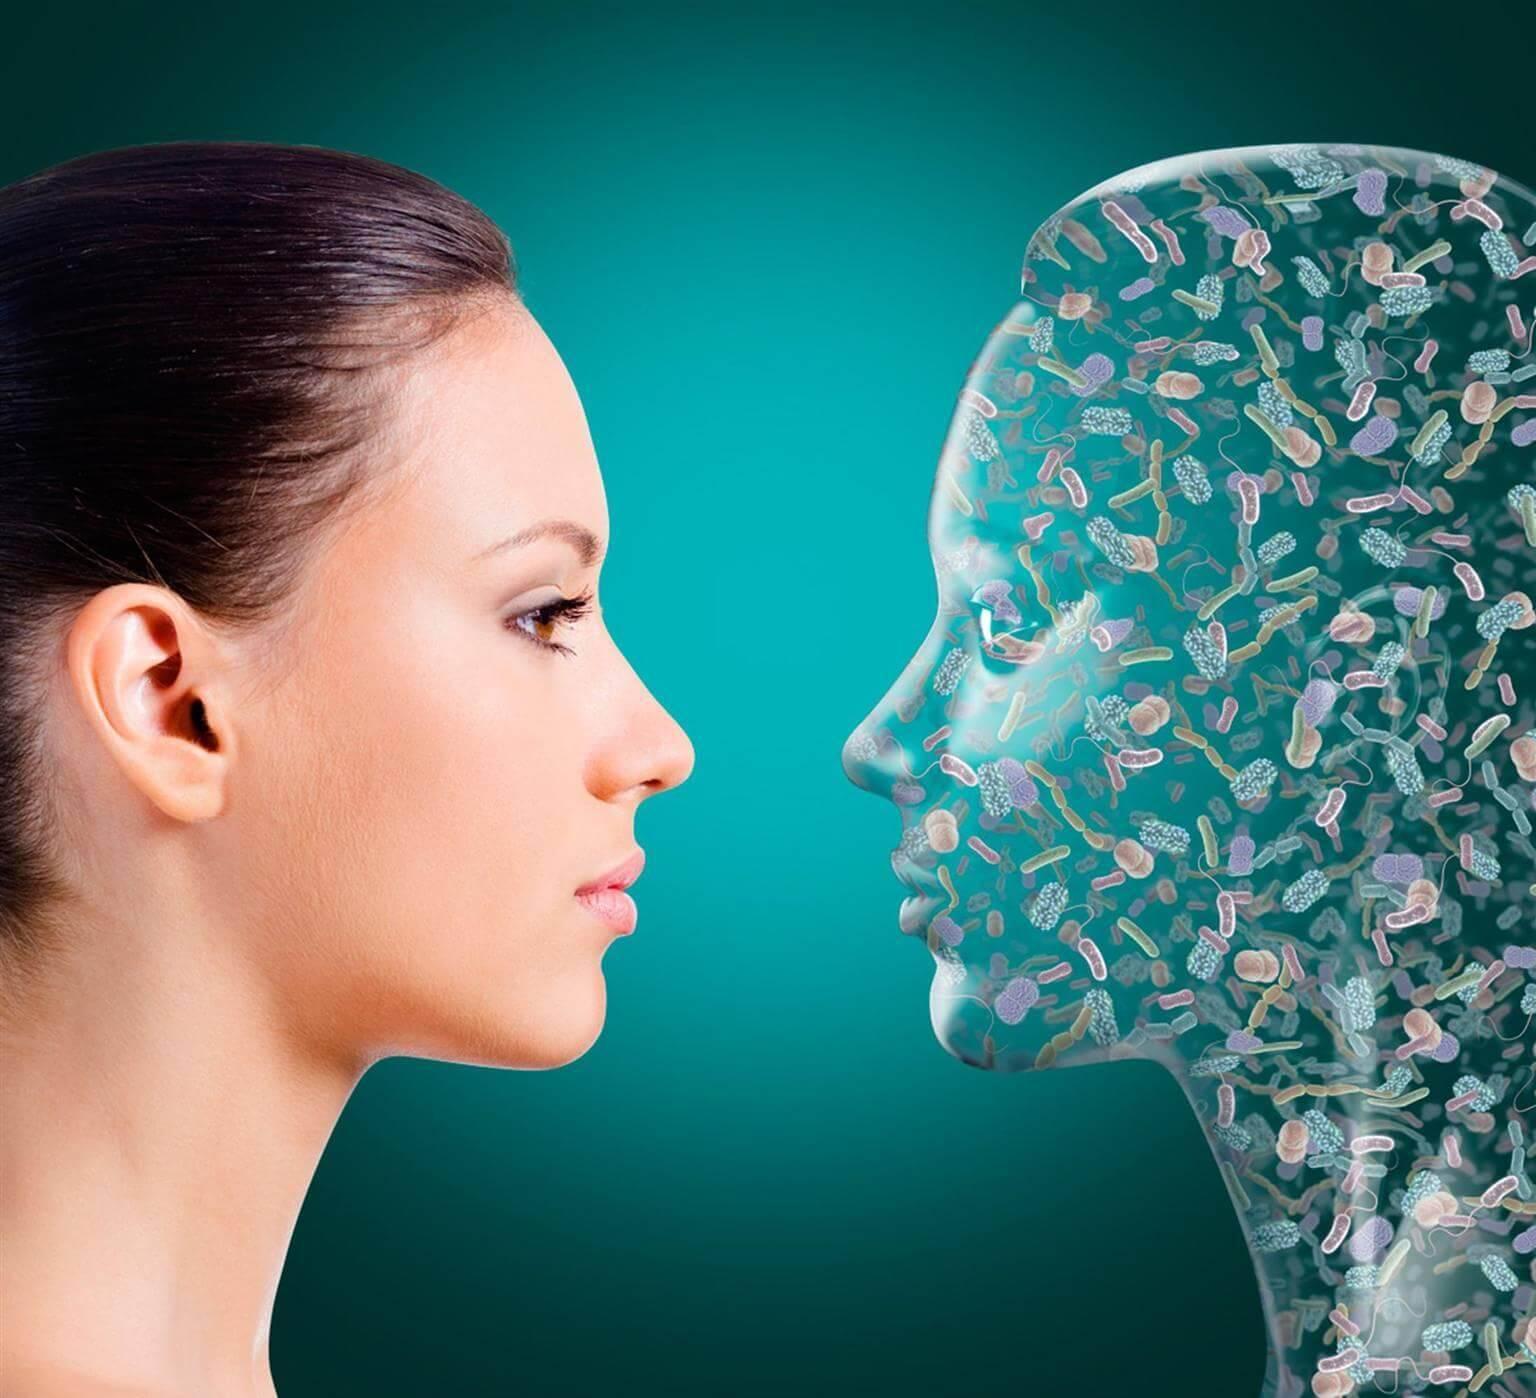 Нормальная микрофлора человека: значение, виды и функции